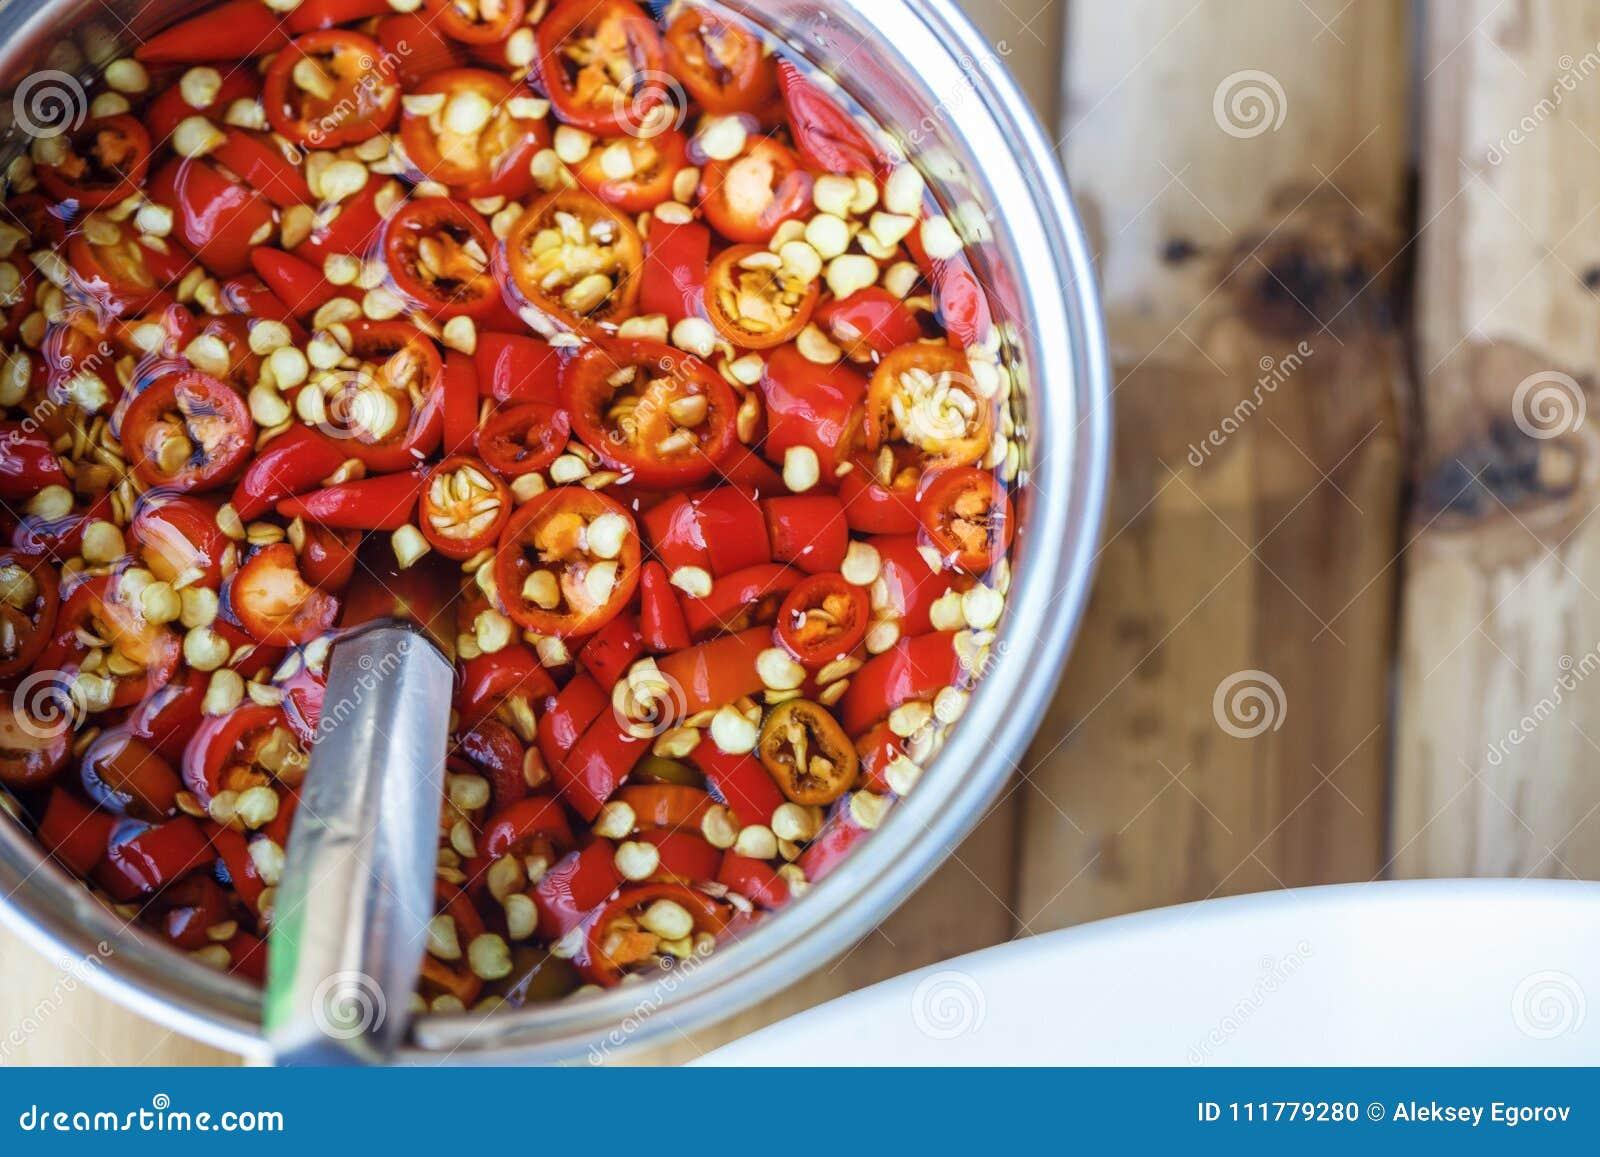 红辣椒调味汁